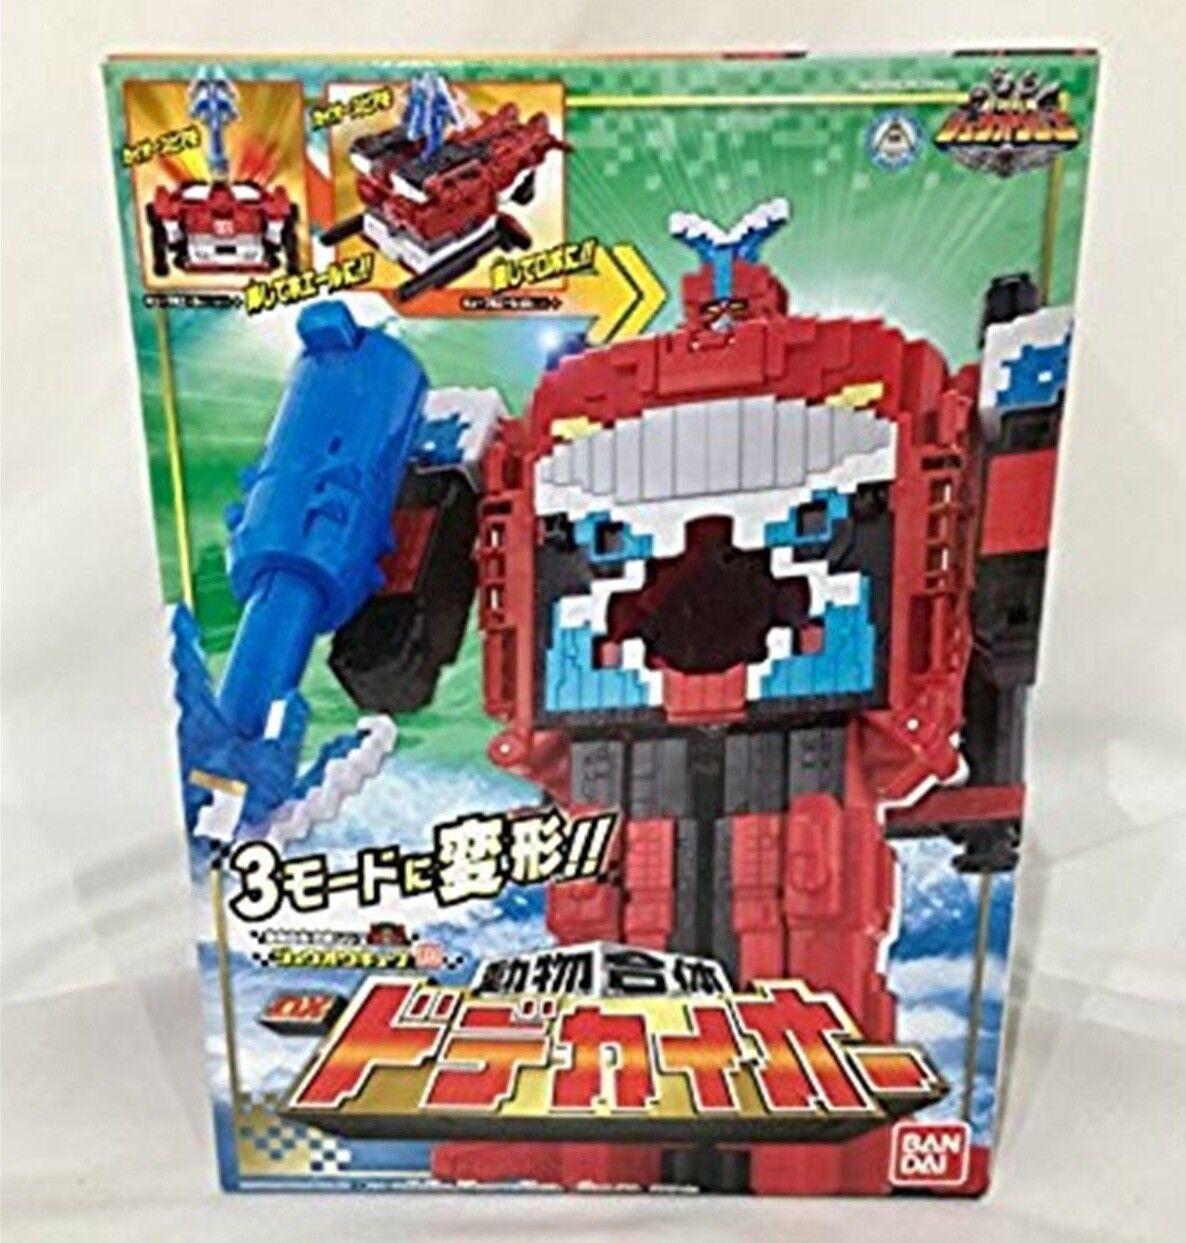 Doubutsu Sentai  Zyuohger Zyuoh Cube 10 DX Dodekaioh Beai giocattolo Japan F S USED  negozio fa acquisti e vendite